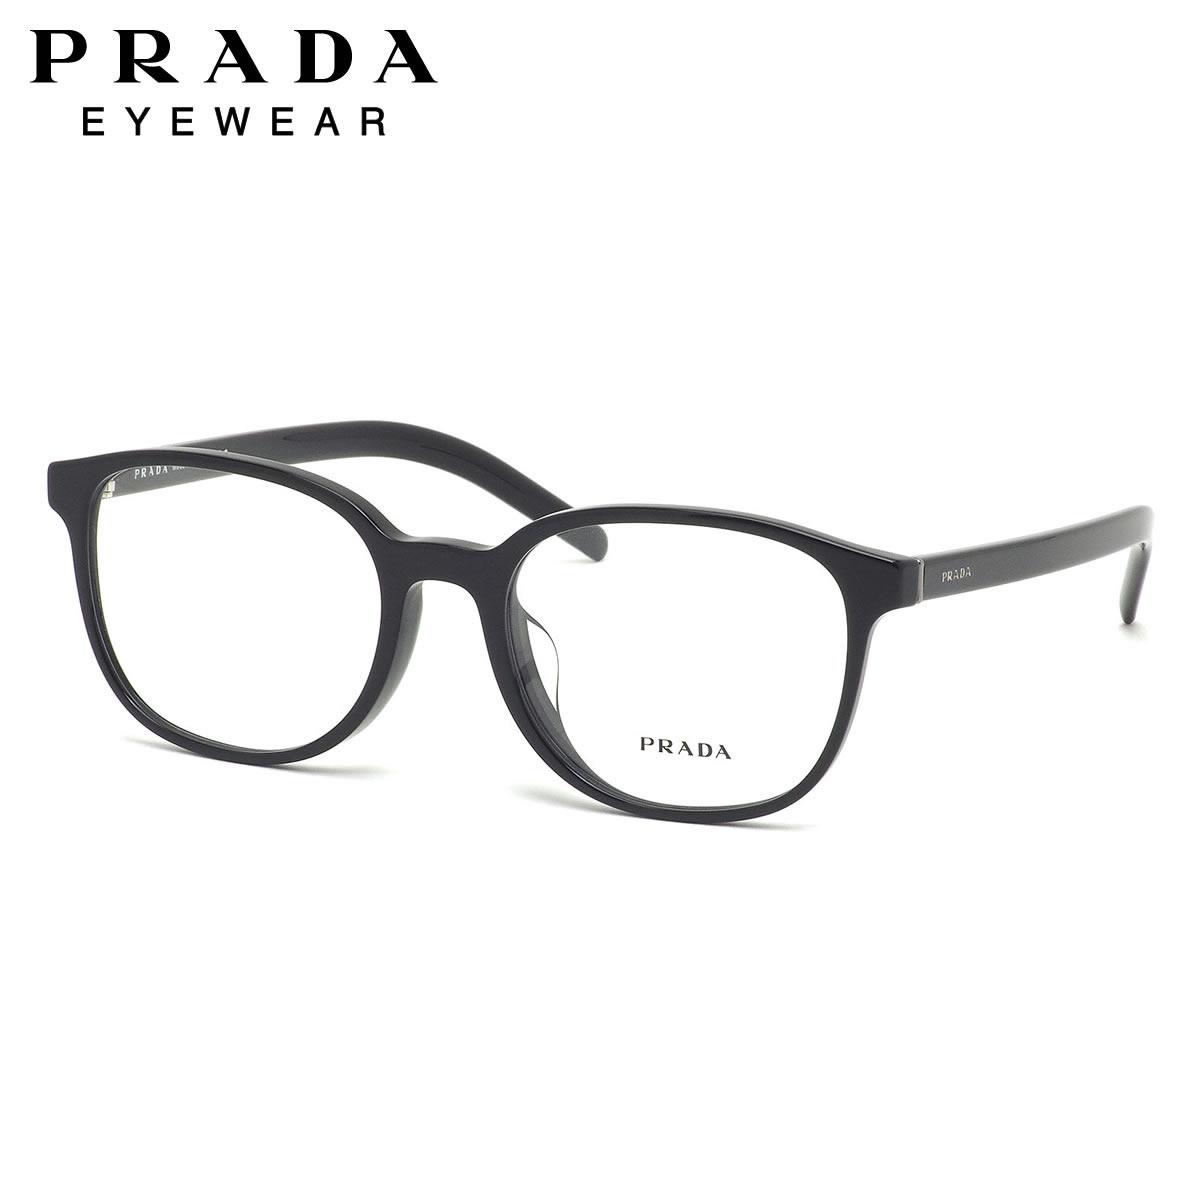 プラダ PRADA メガネ PR07XVF 1AB1O1 54サイズ フルフィット スクエア クール スタイリッシュ 軽い メンズ レディース